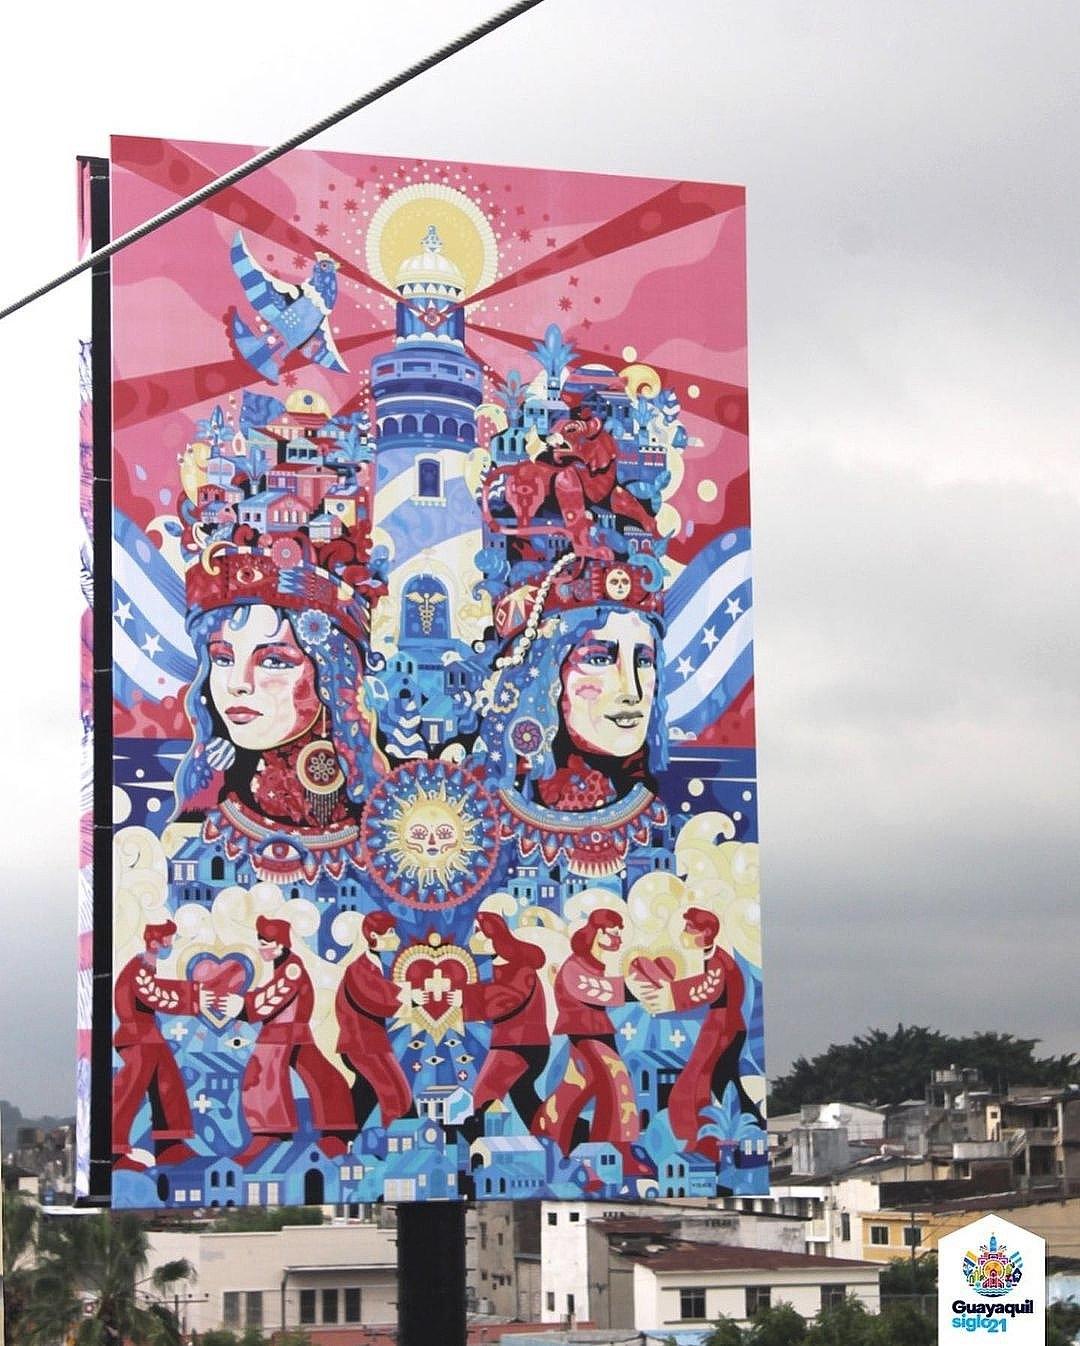 Yo Az @ Guayaquil, Ecuador